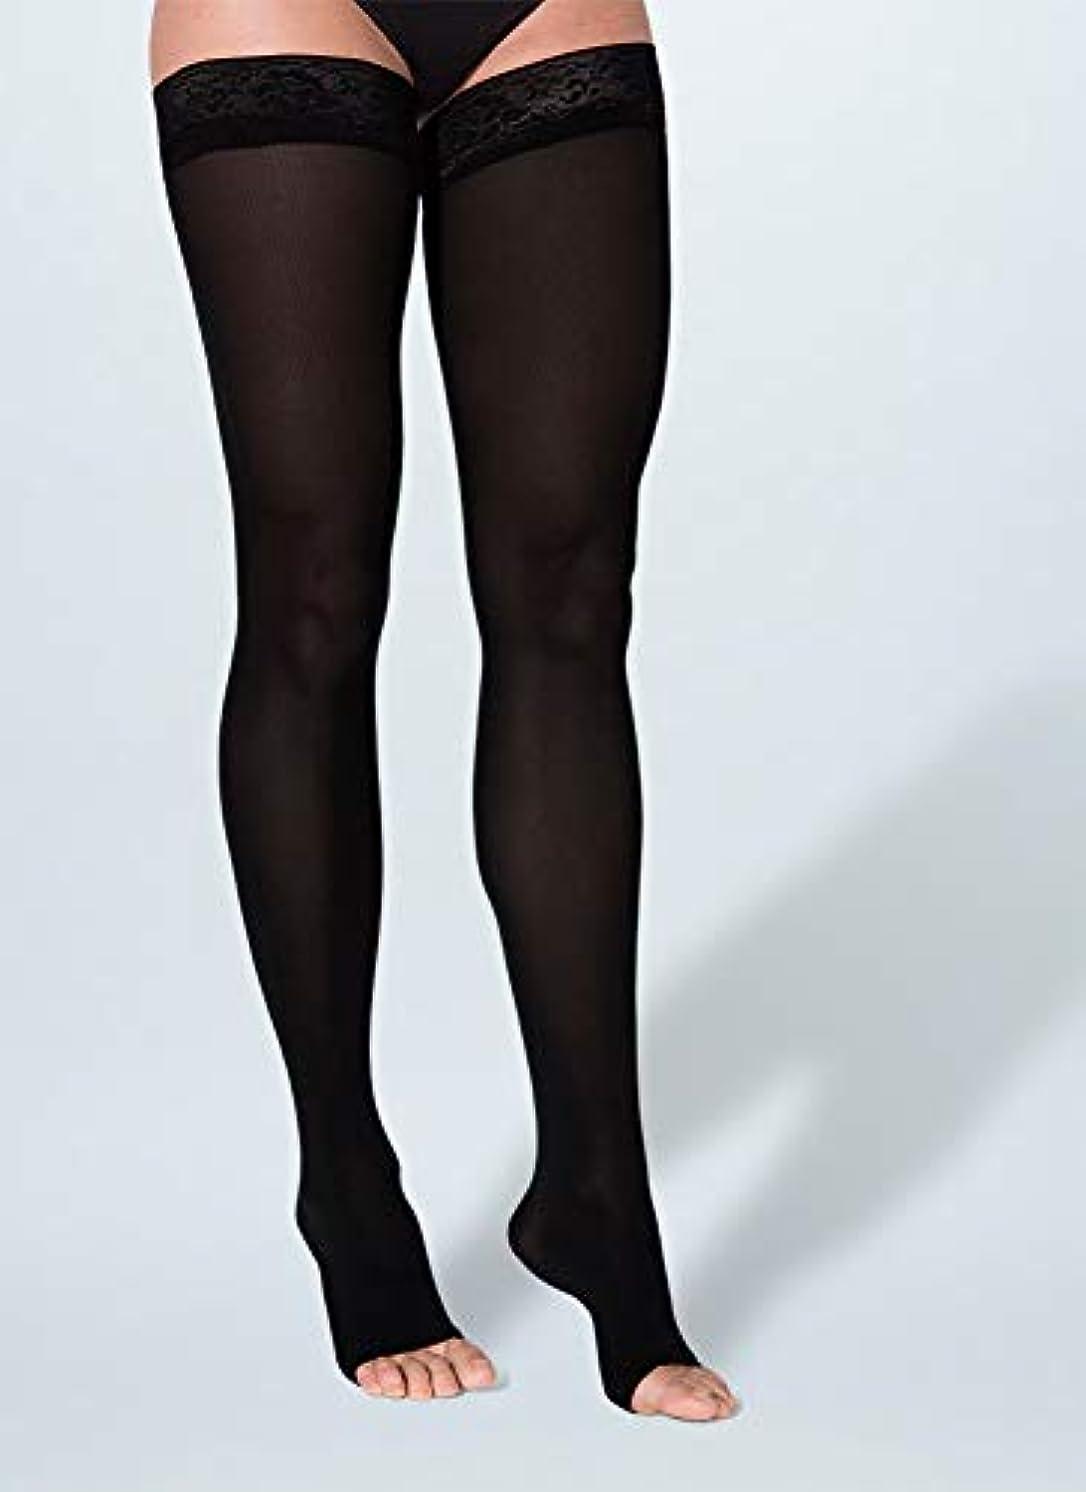 答え蜜暴露するSigvaris Soft Opaque 841NLLO99 15-20mmHg Open Toe, Thigh-Highs Large Long Women, Black by Sigvaris